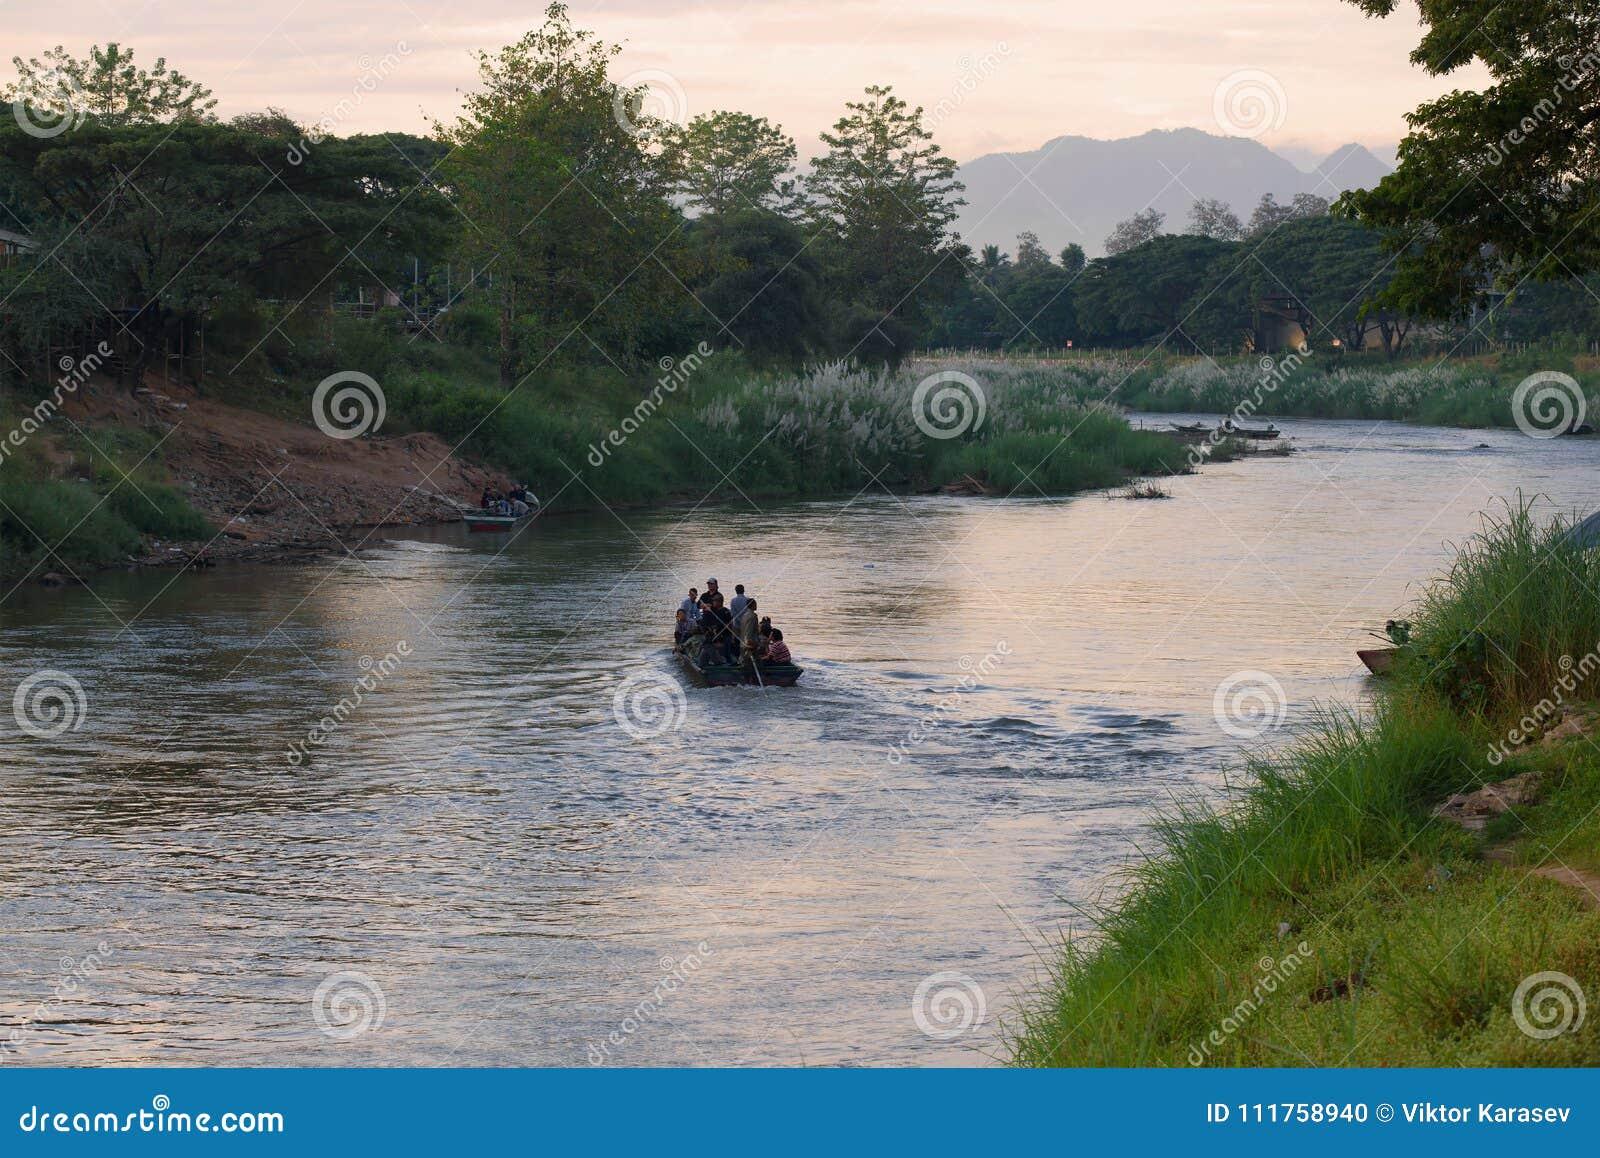 Morgon på den gränsMenammey floden Burmans vid fartyget transporteras olagligt på den thailändska sidan, Myanmar